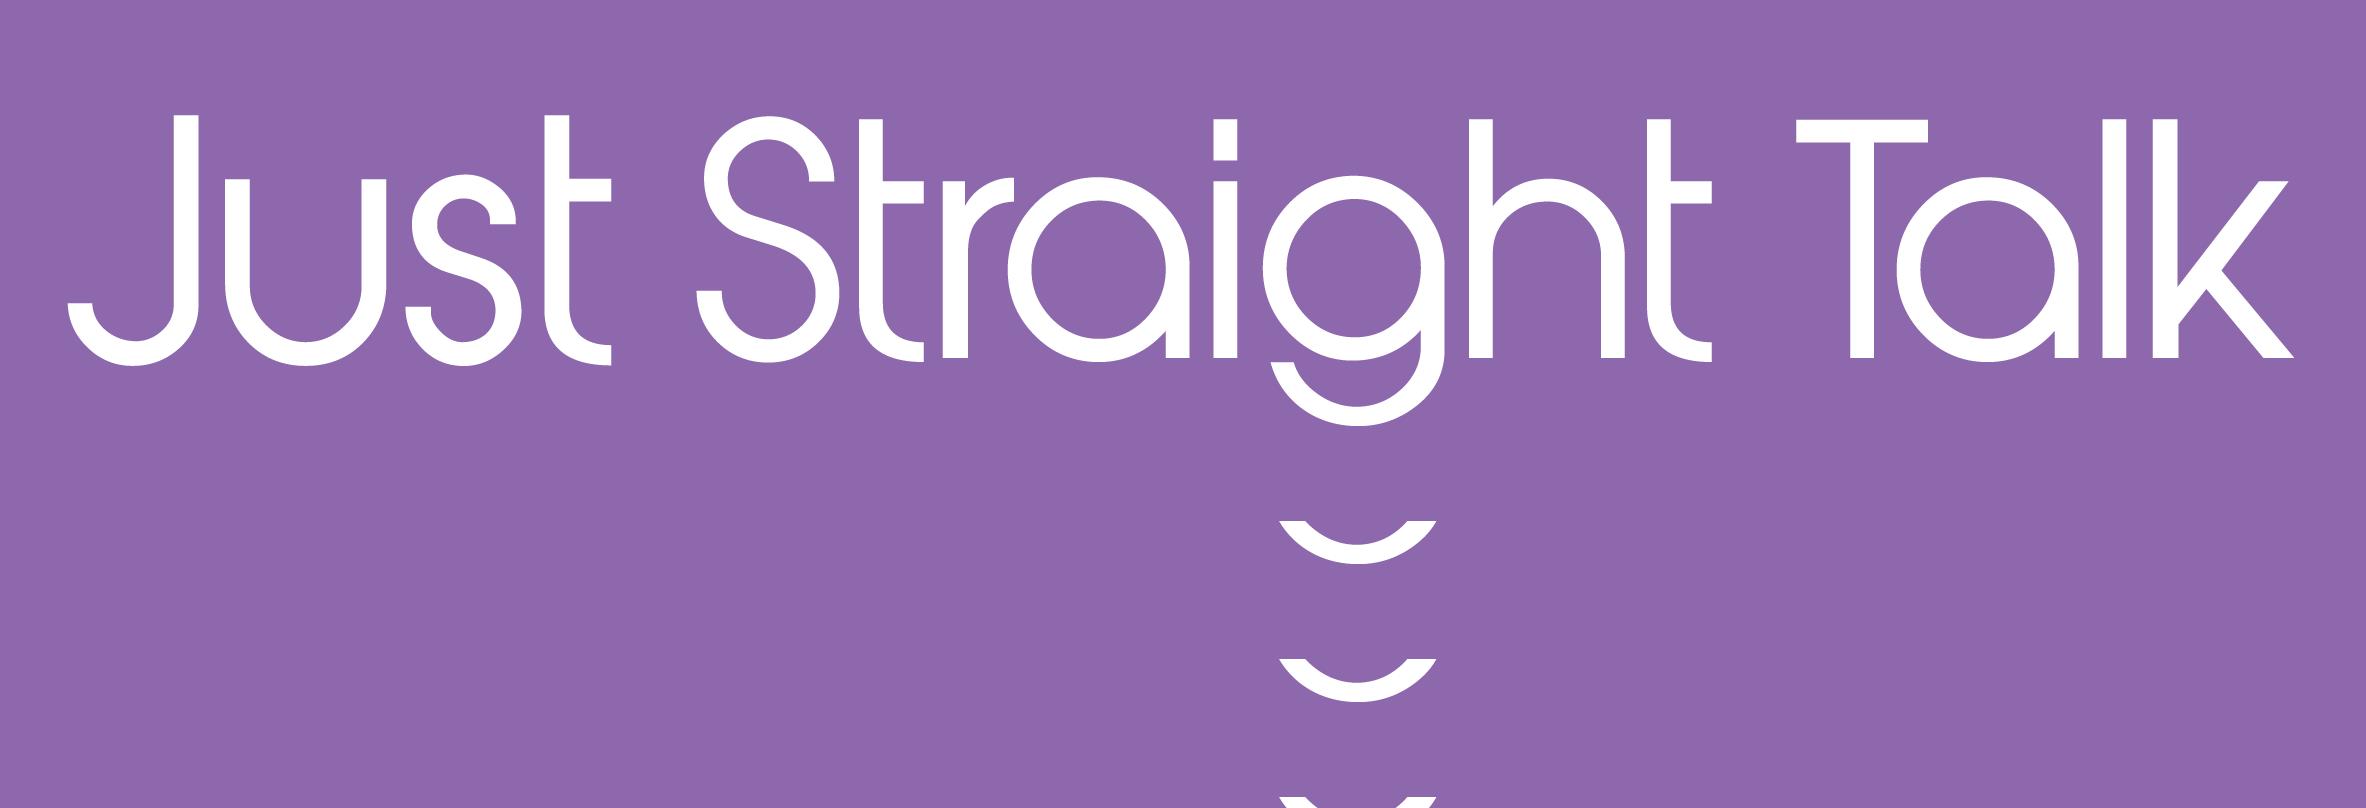 Just Straight Talk